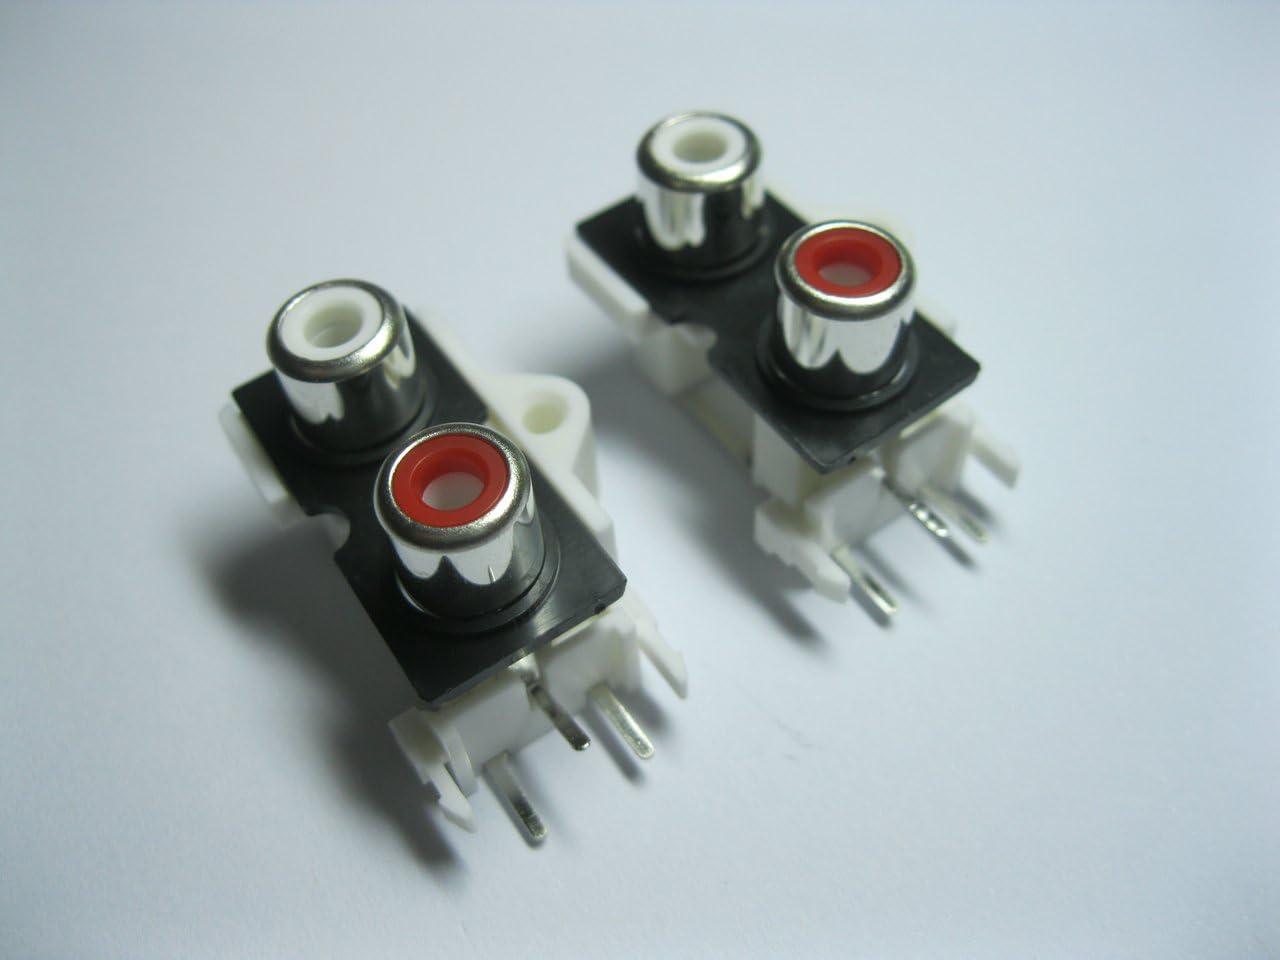 10 pcs AV Pin Jack 2 Color RCA Female Audio Video AV Socket Connector AV2-9 Skywalking